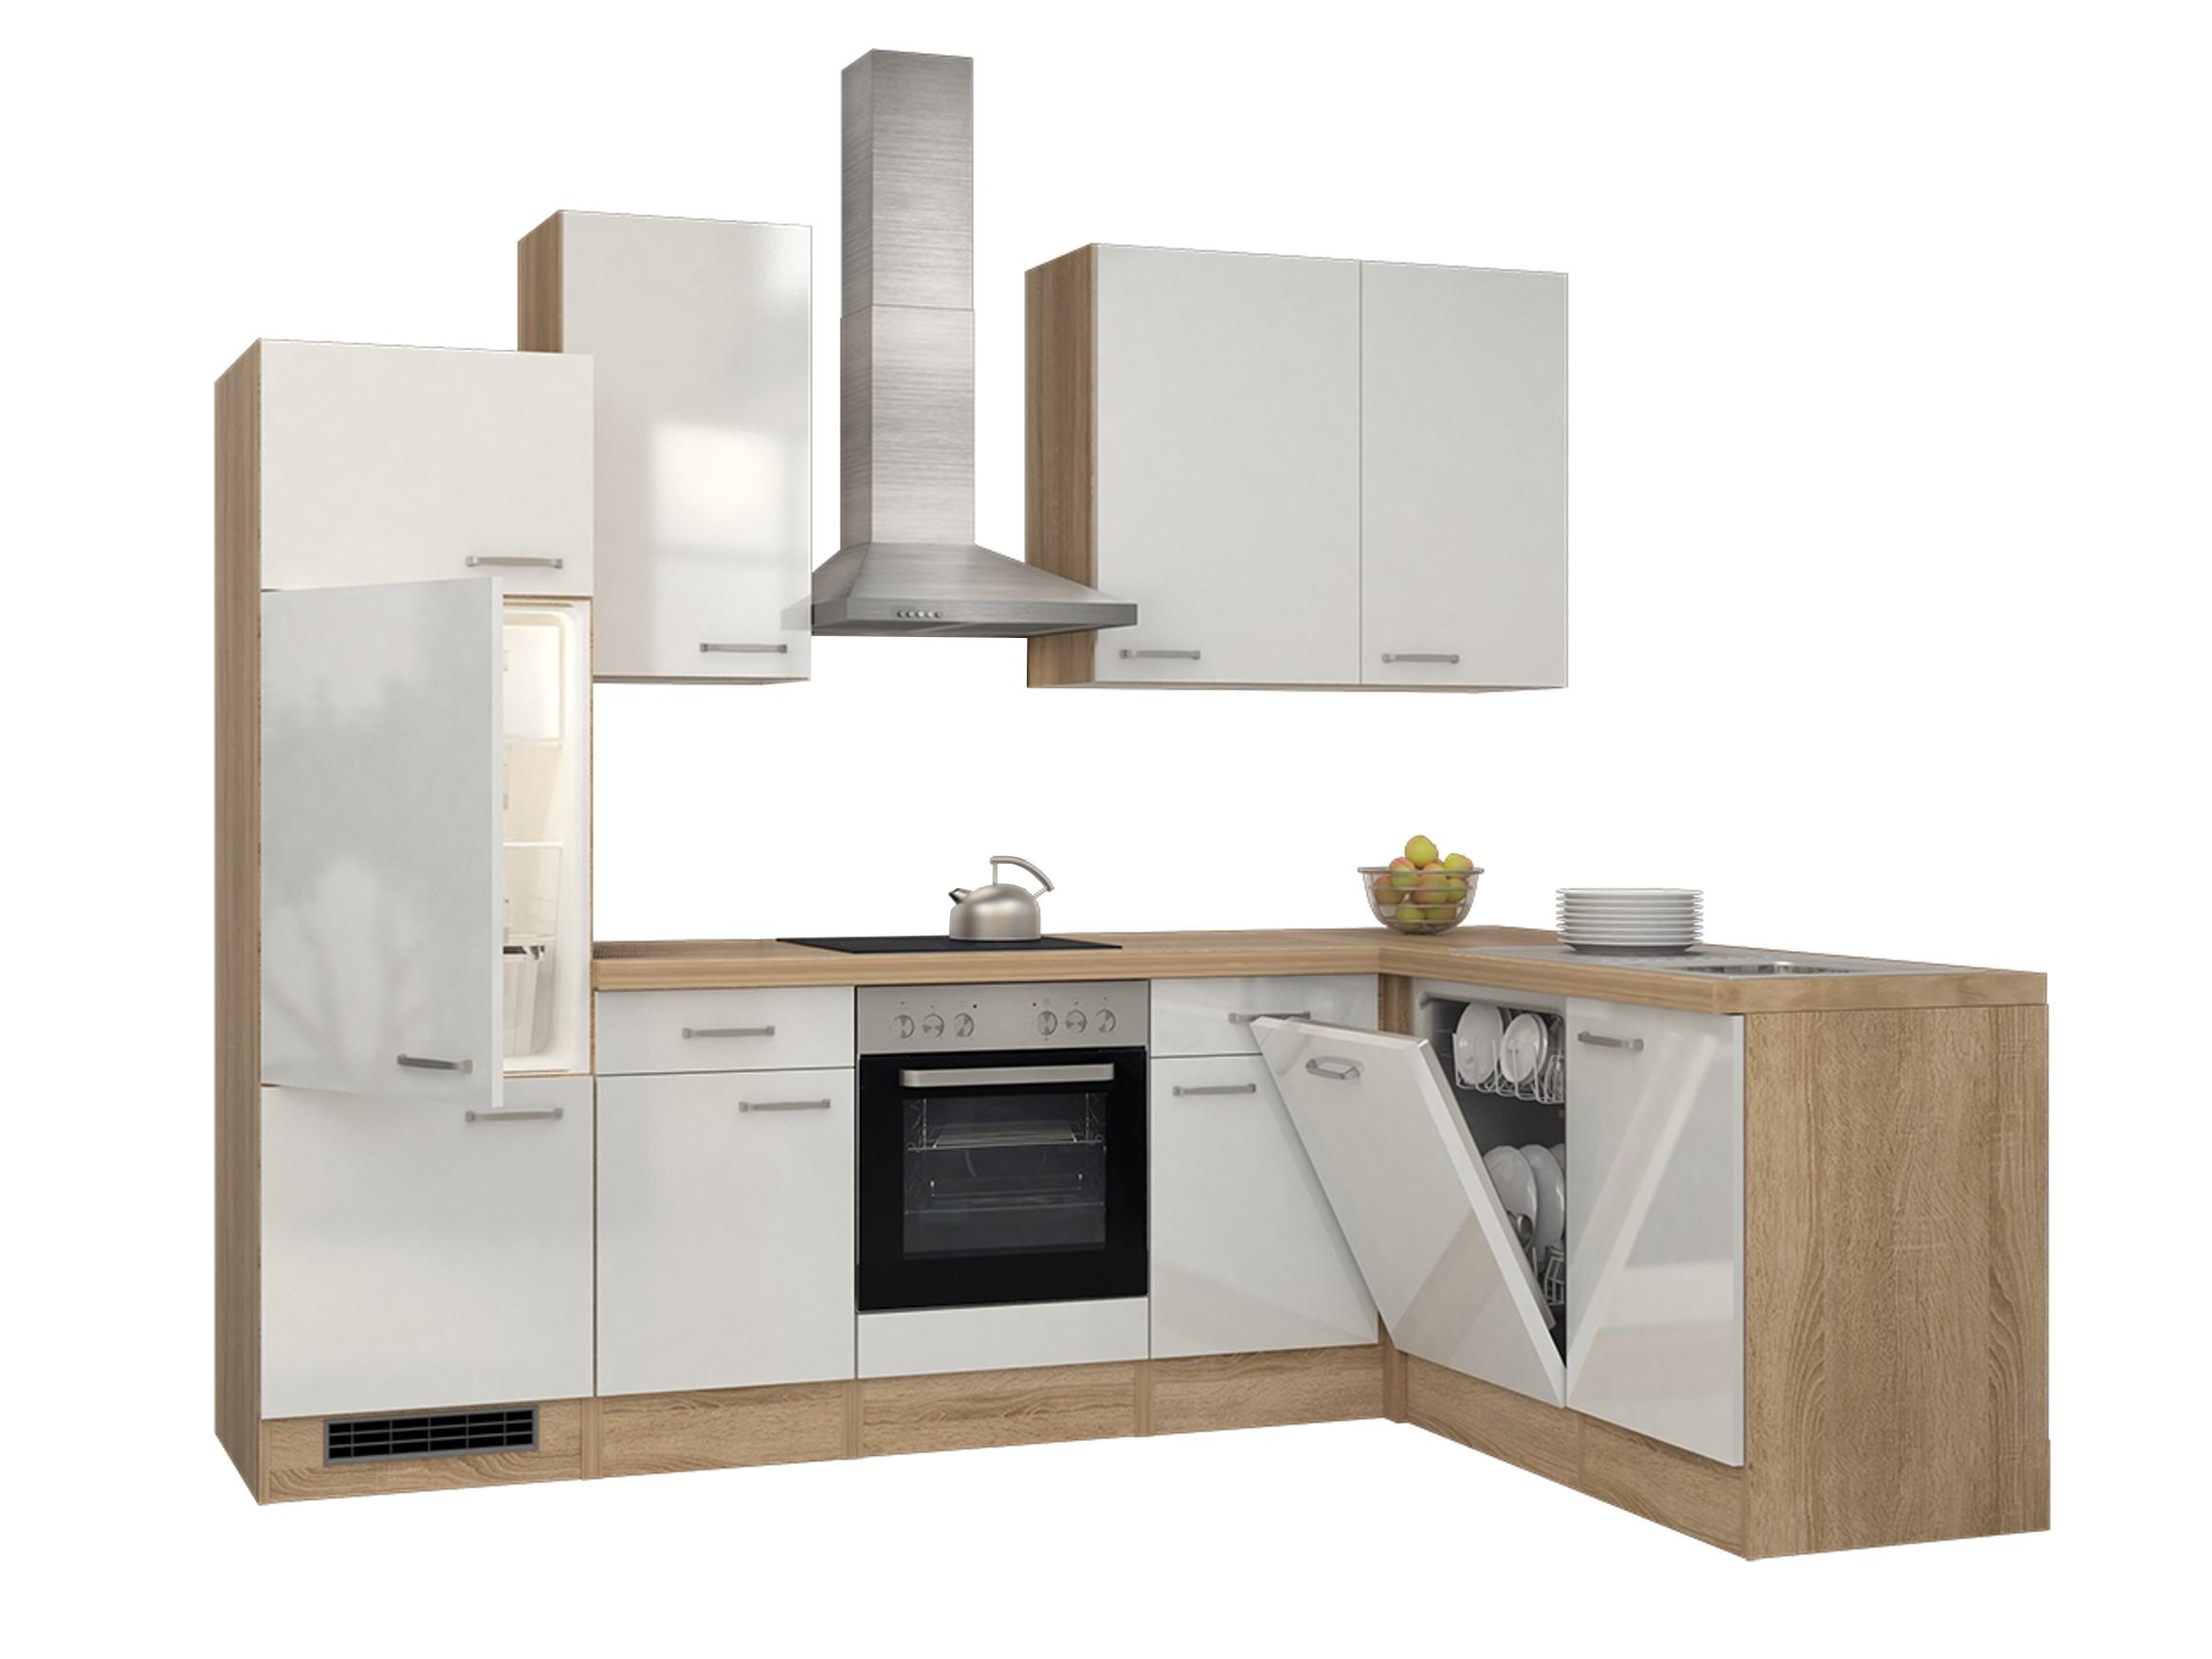 eckk che venedig k che mit e ger ten breite 280 x 170 cm wei k che k chenzeilen. Black Bedroom Furniture Sets. Home Design Ideas